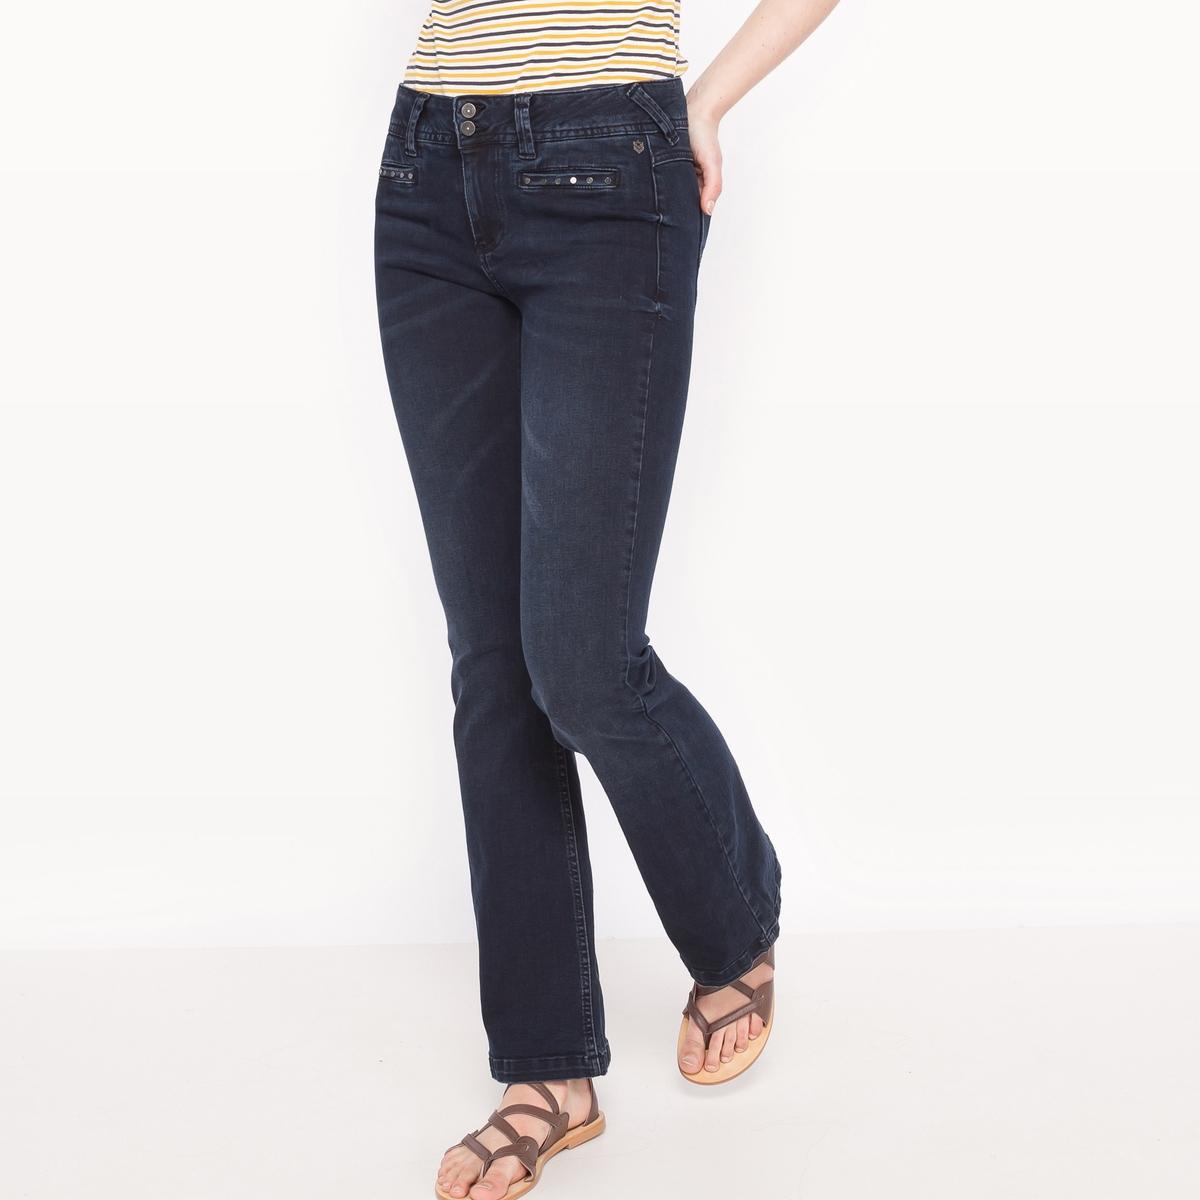 Джинсы буткат FAUSTINE, стандартная высота поясаМатериал : 98% хлопка, 2% эластана         Высота пояса : высокий пояс        Покрой джинсов : расклешенный, сильно расширяющийся к низу        Длина джинсов : длина 32<br><br>Цвет: темно-синий